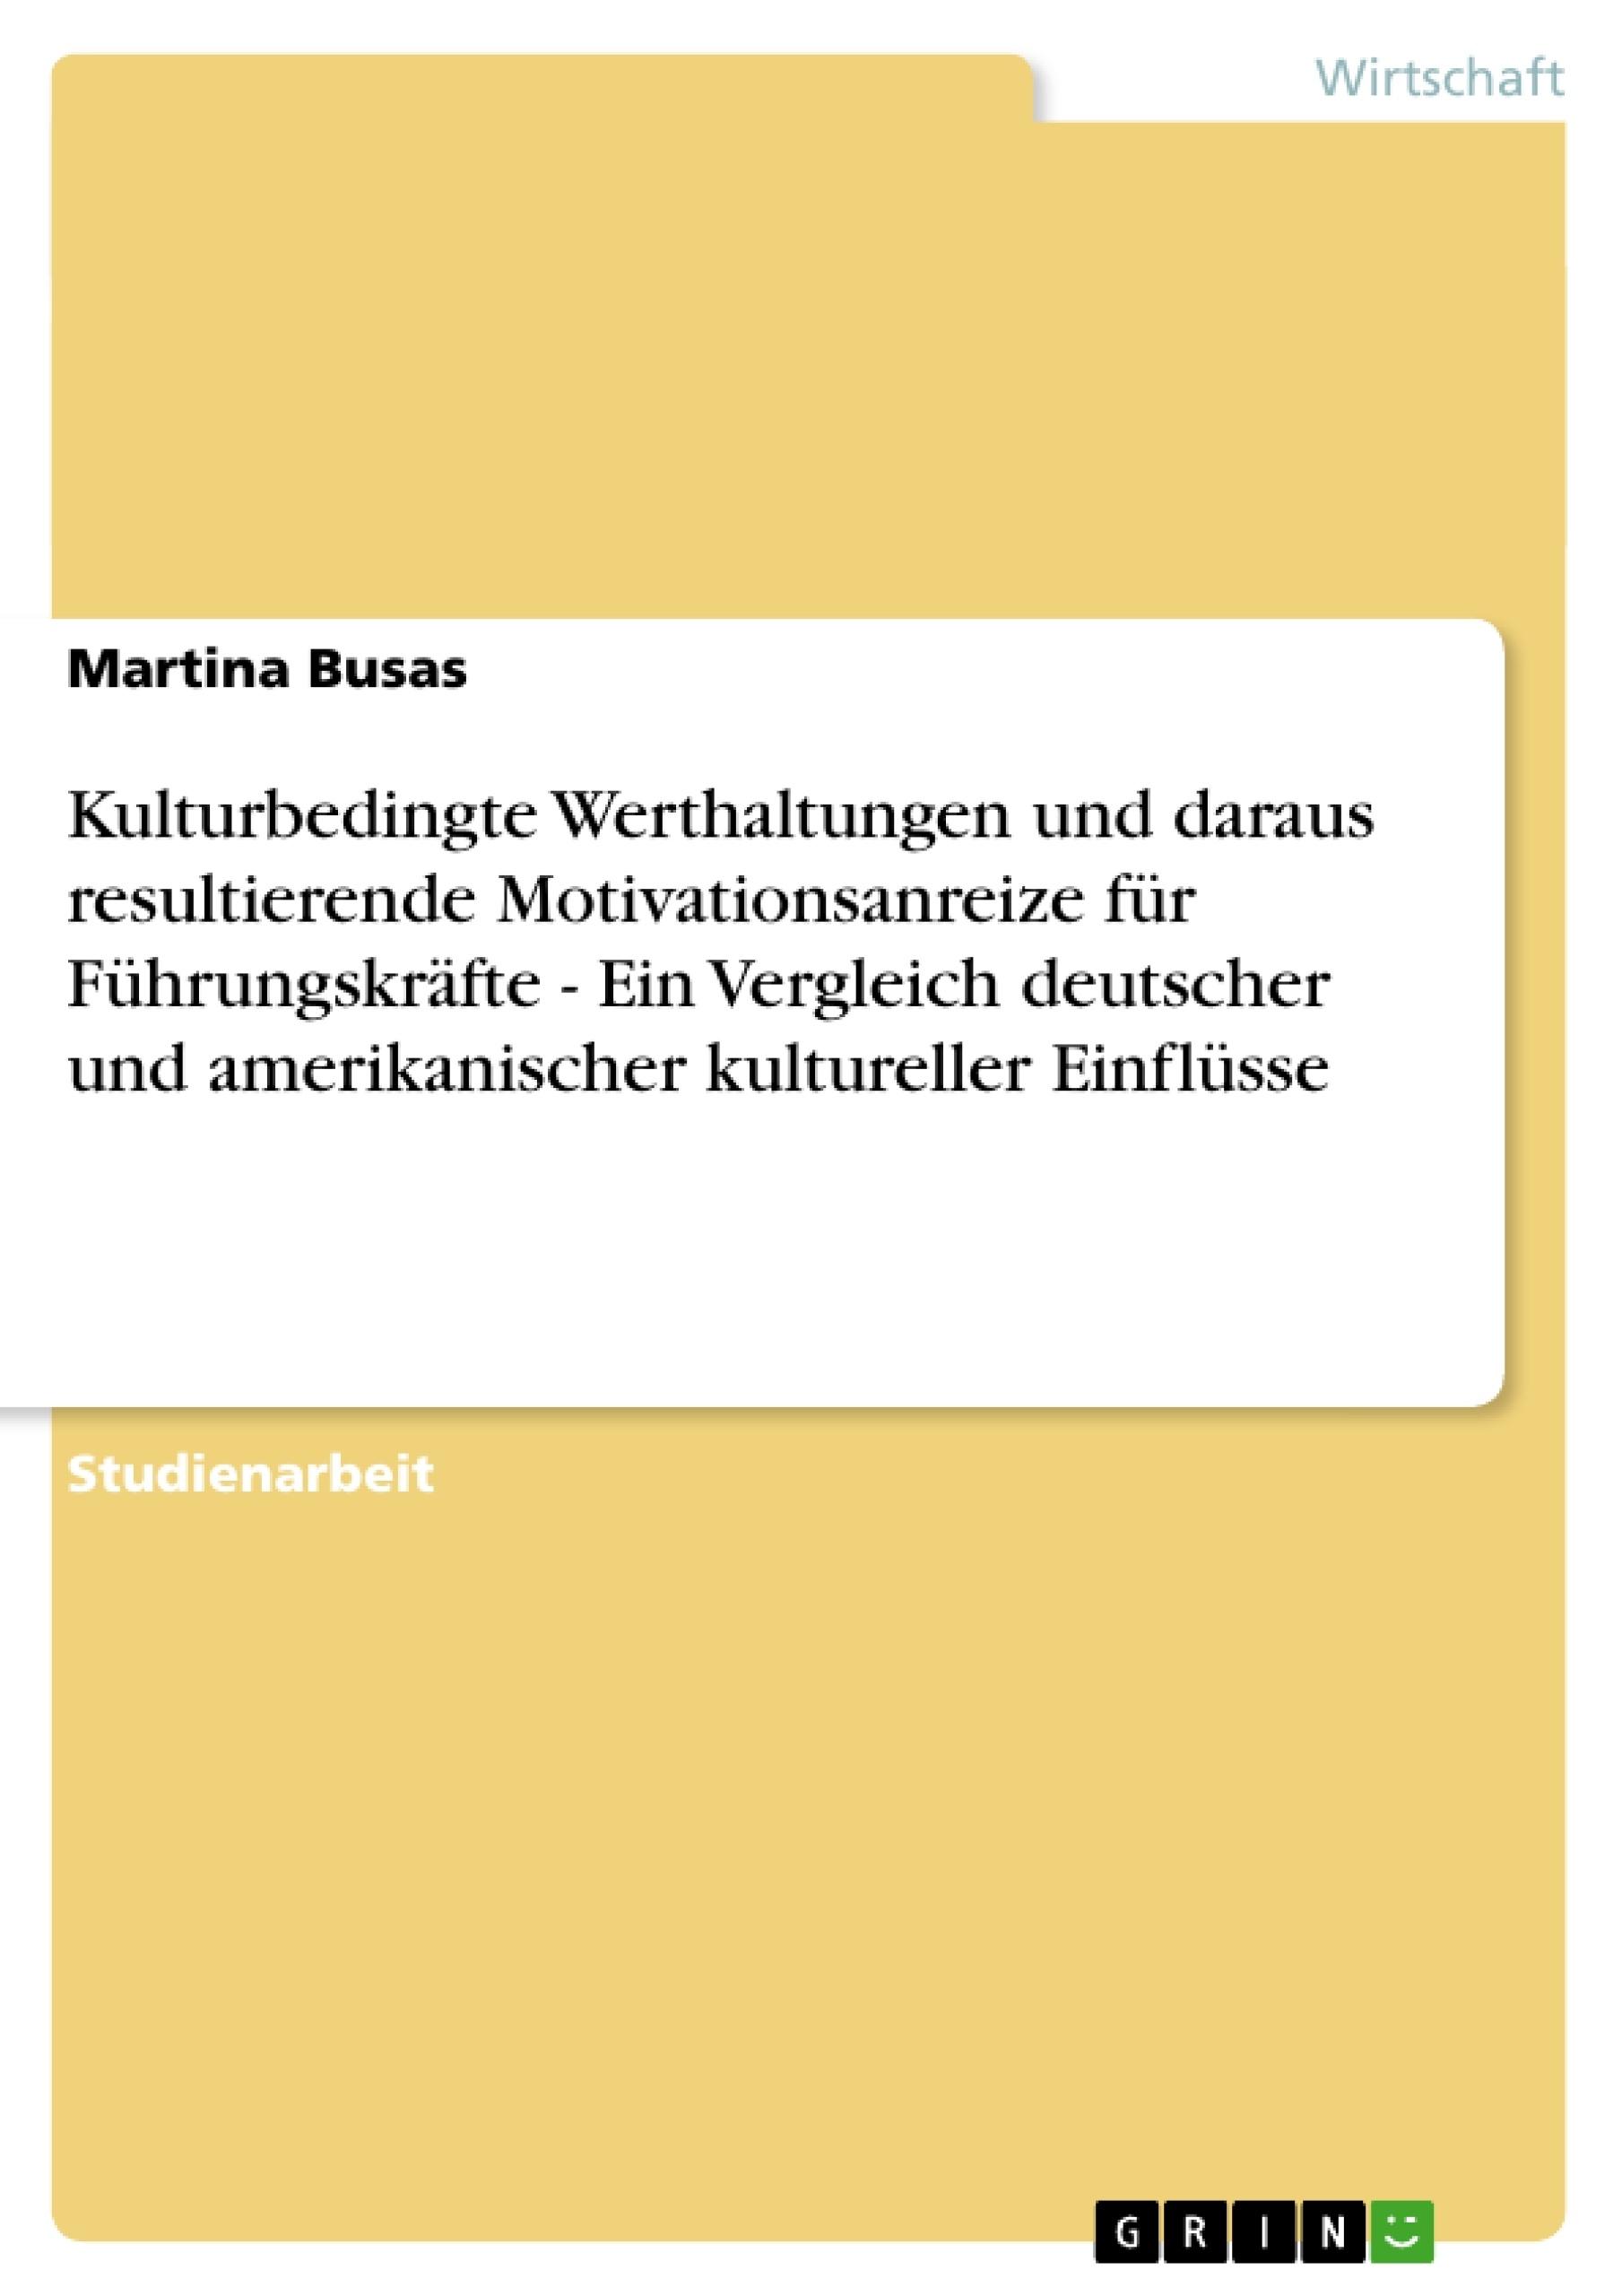 Titel: Kulturbedingte Werthaltungen und daraus resultierende Motivationsanreize für Führungskräfte - Ein Vergleich deutscher und amerikanischer kultureller Einflüsse